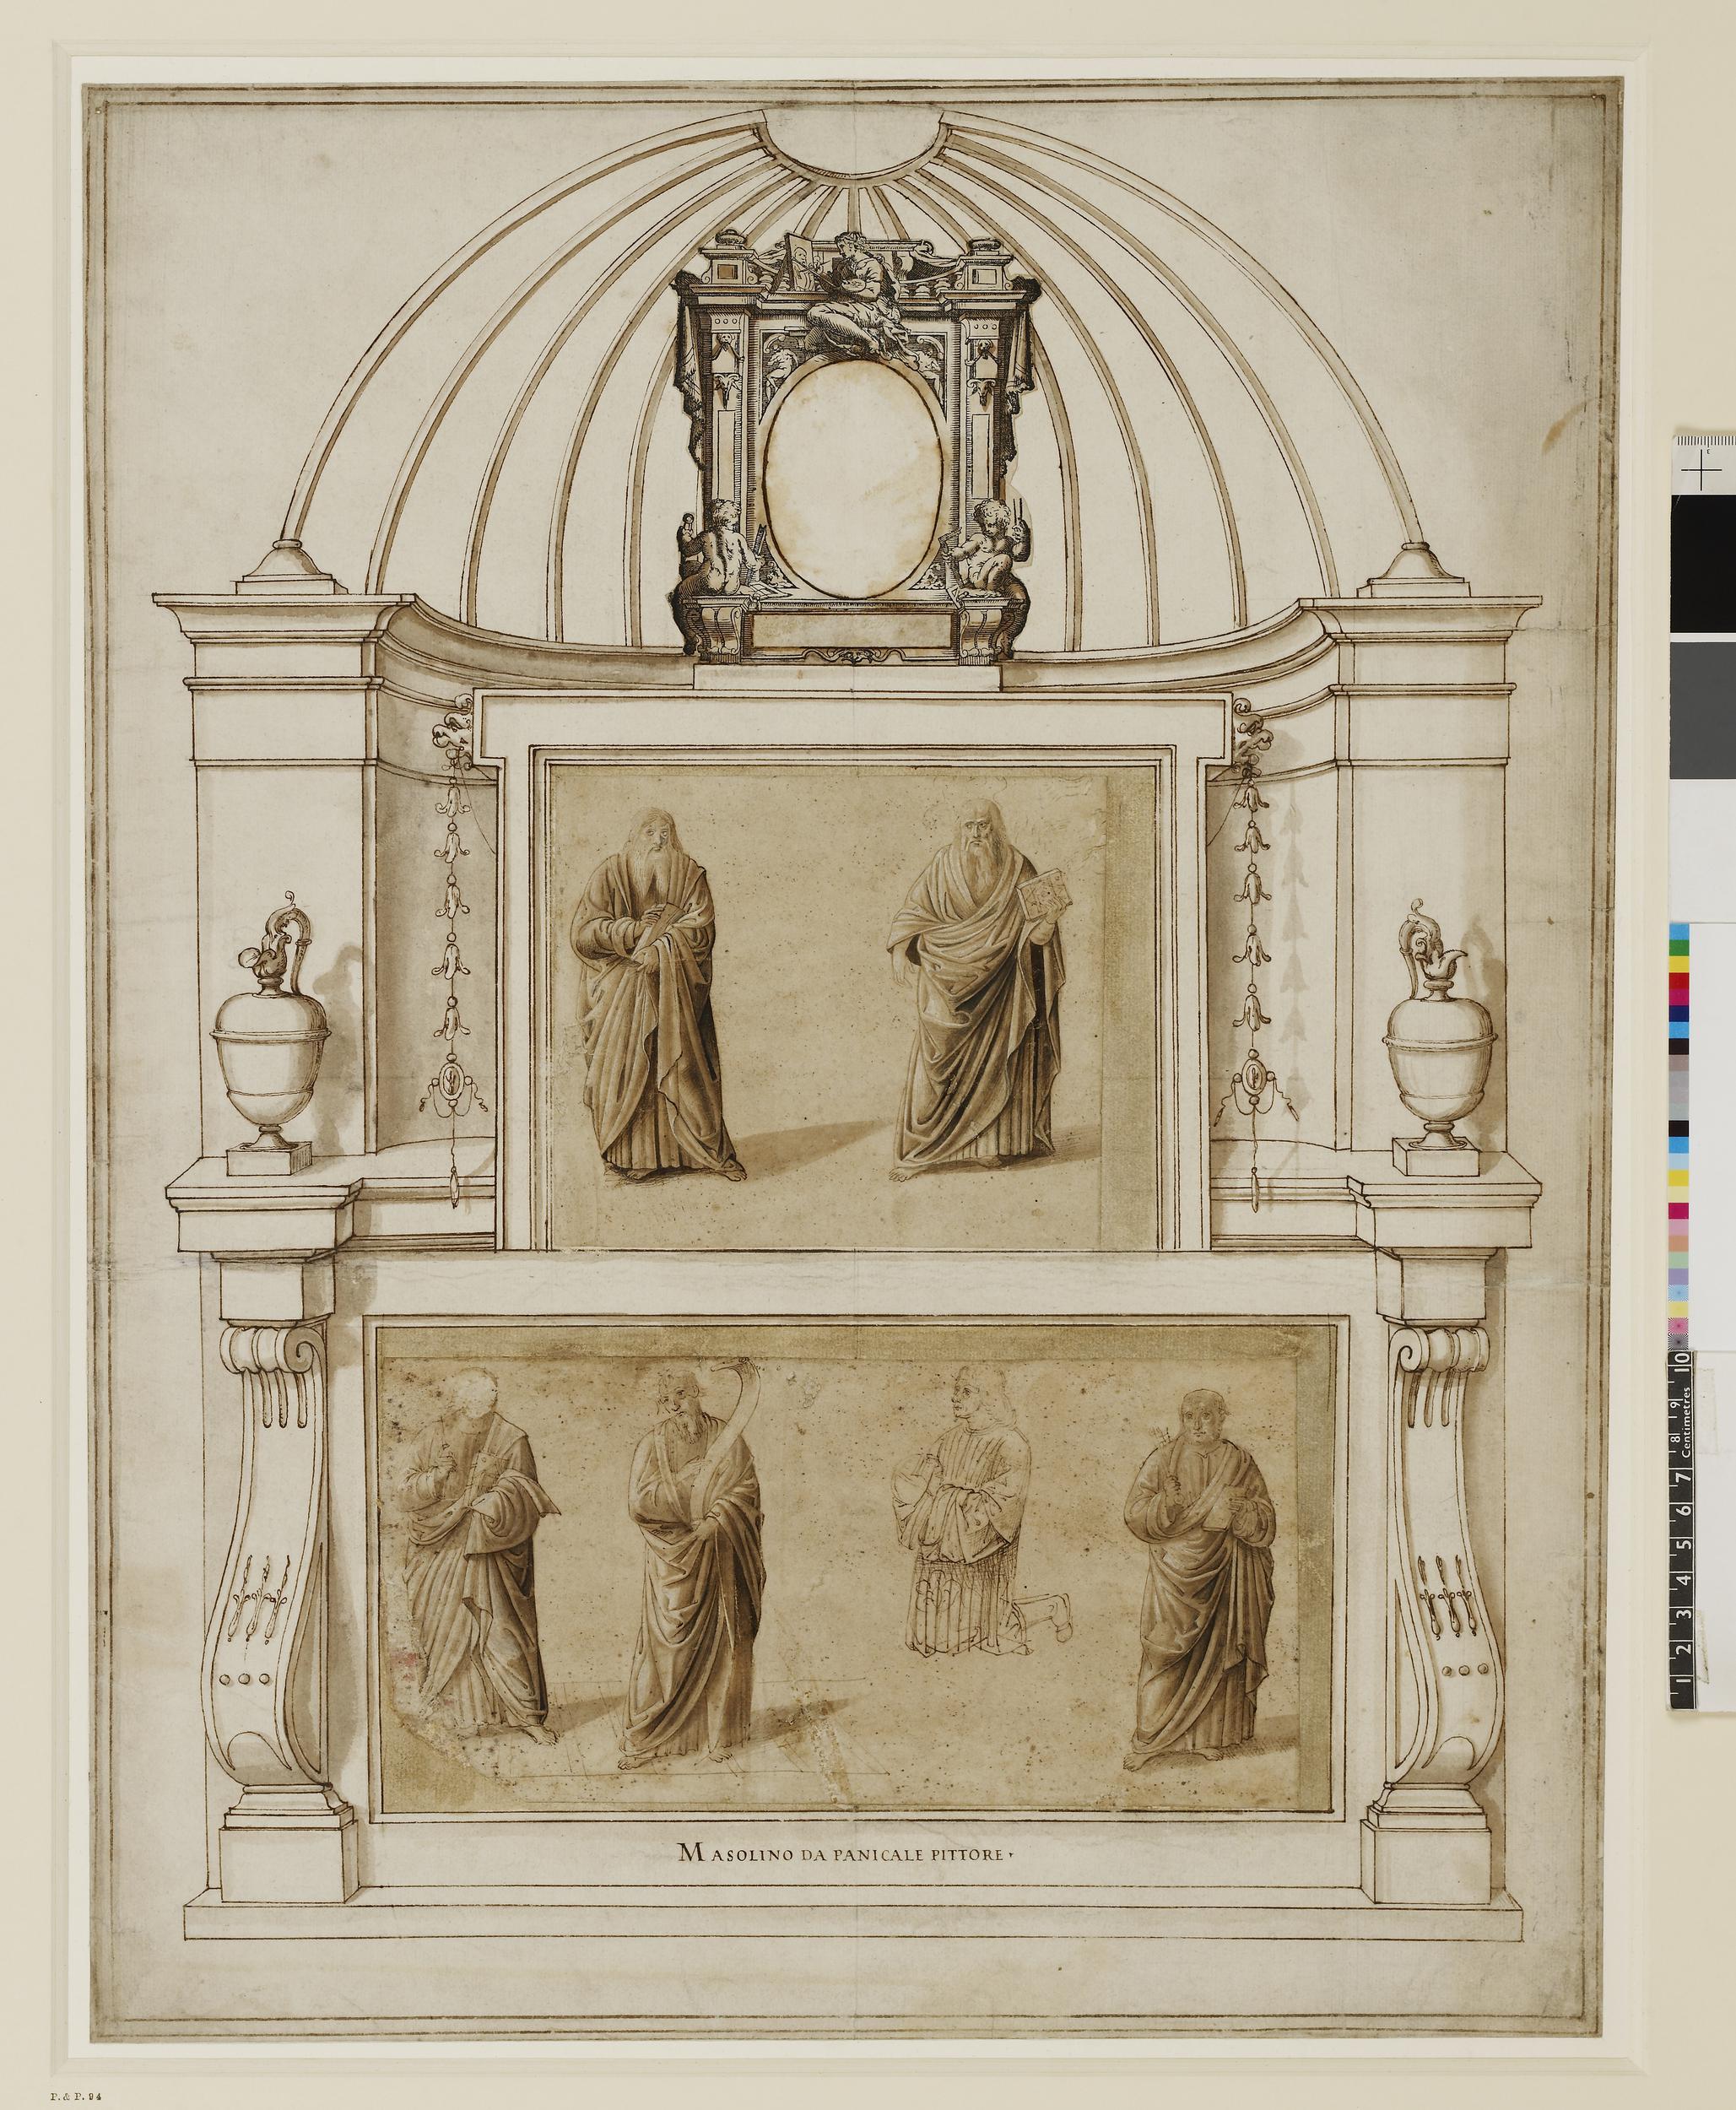 1 Benozzo Gozzoli circle of Vasari Il libro BM